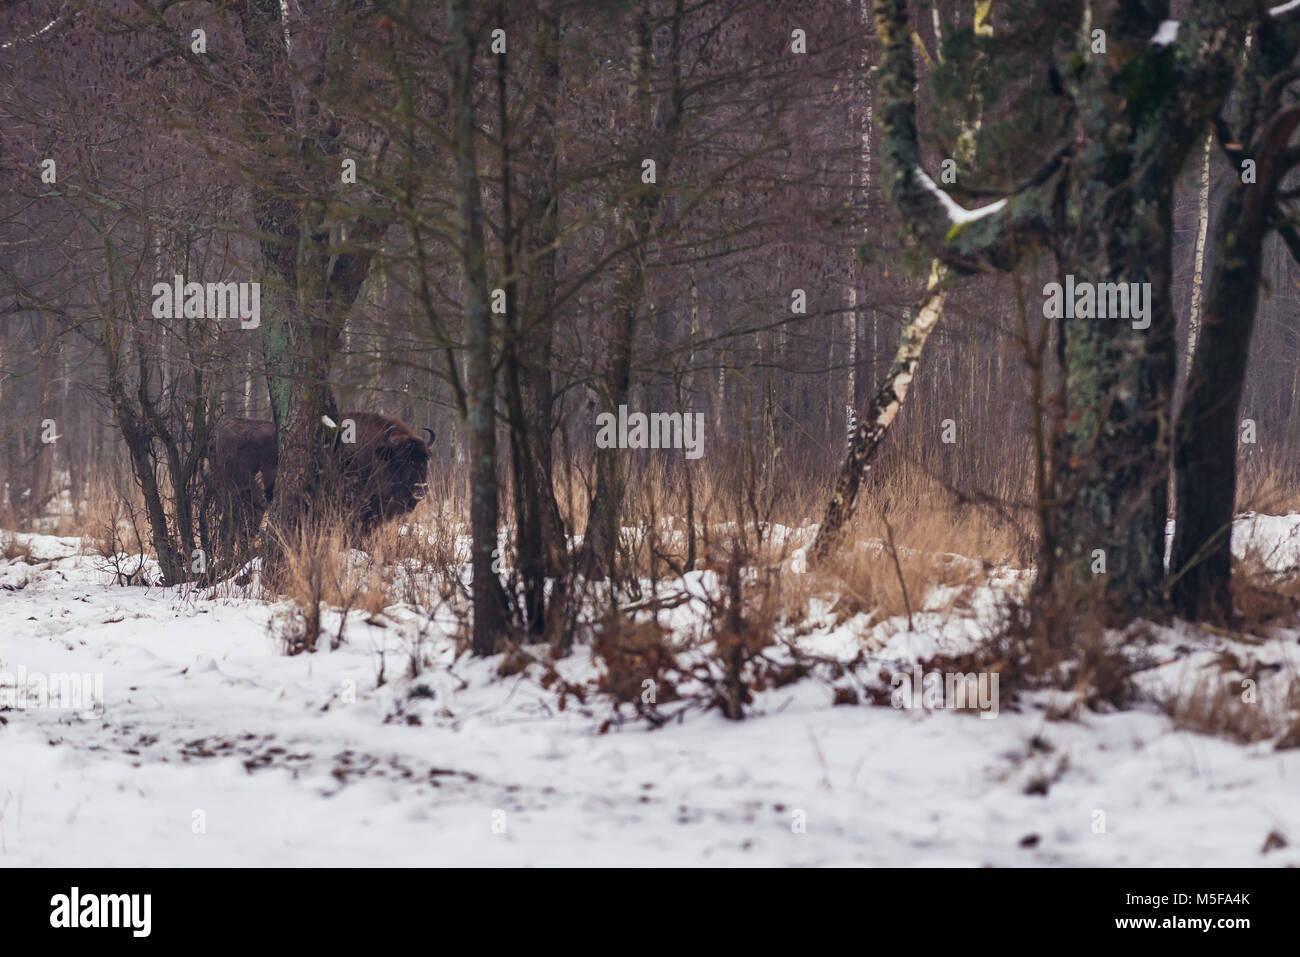 Free-living European bison in Gruszki village within Hajnowka County, Podlaskie Voivodeship of Poland - Stock Image